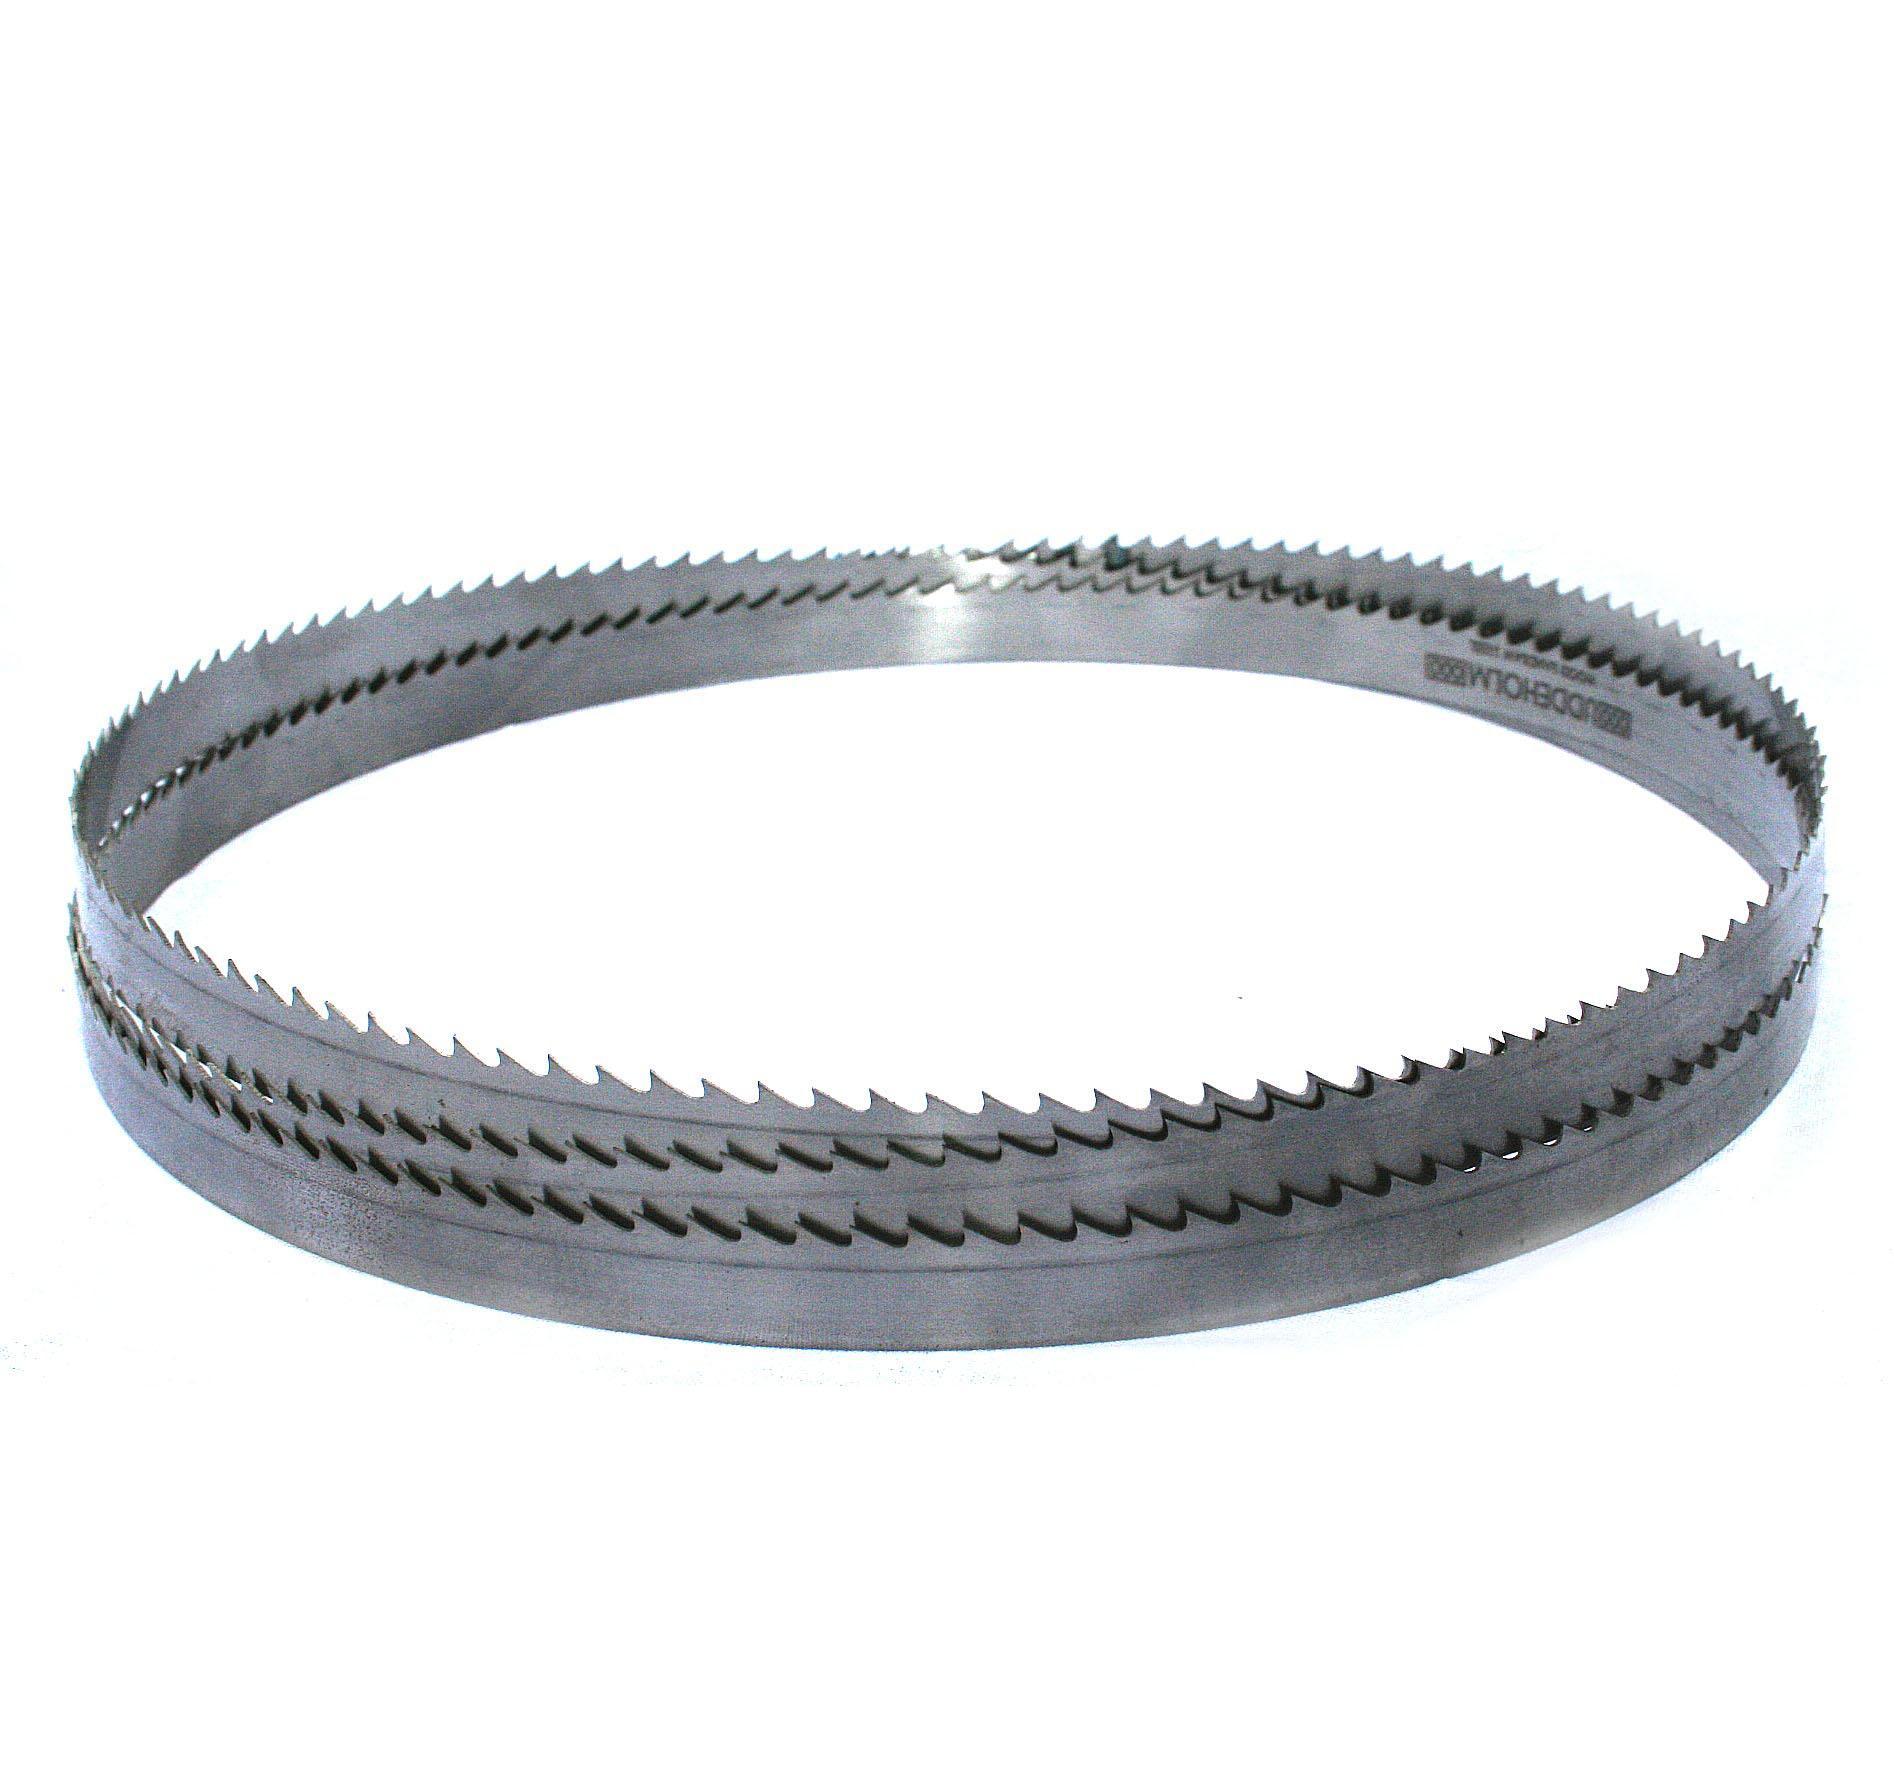 Sägeband 3454 mm von 6-25 mm Breite für Bandsägen (Holz) Sägeband mit 25mm Breite